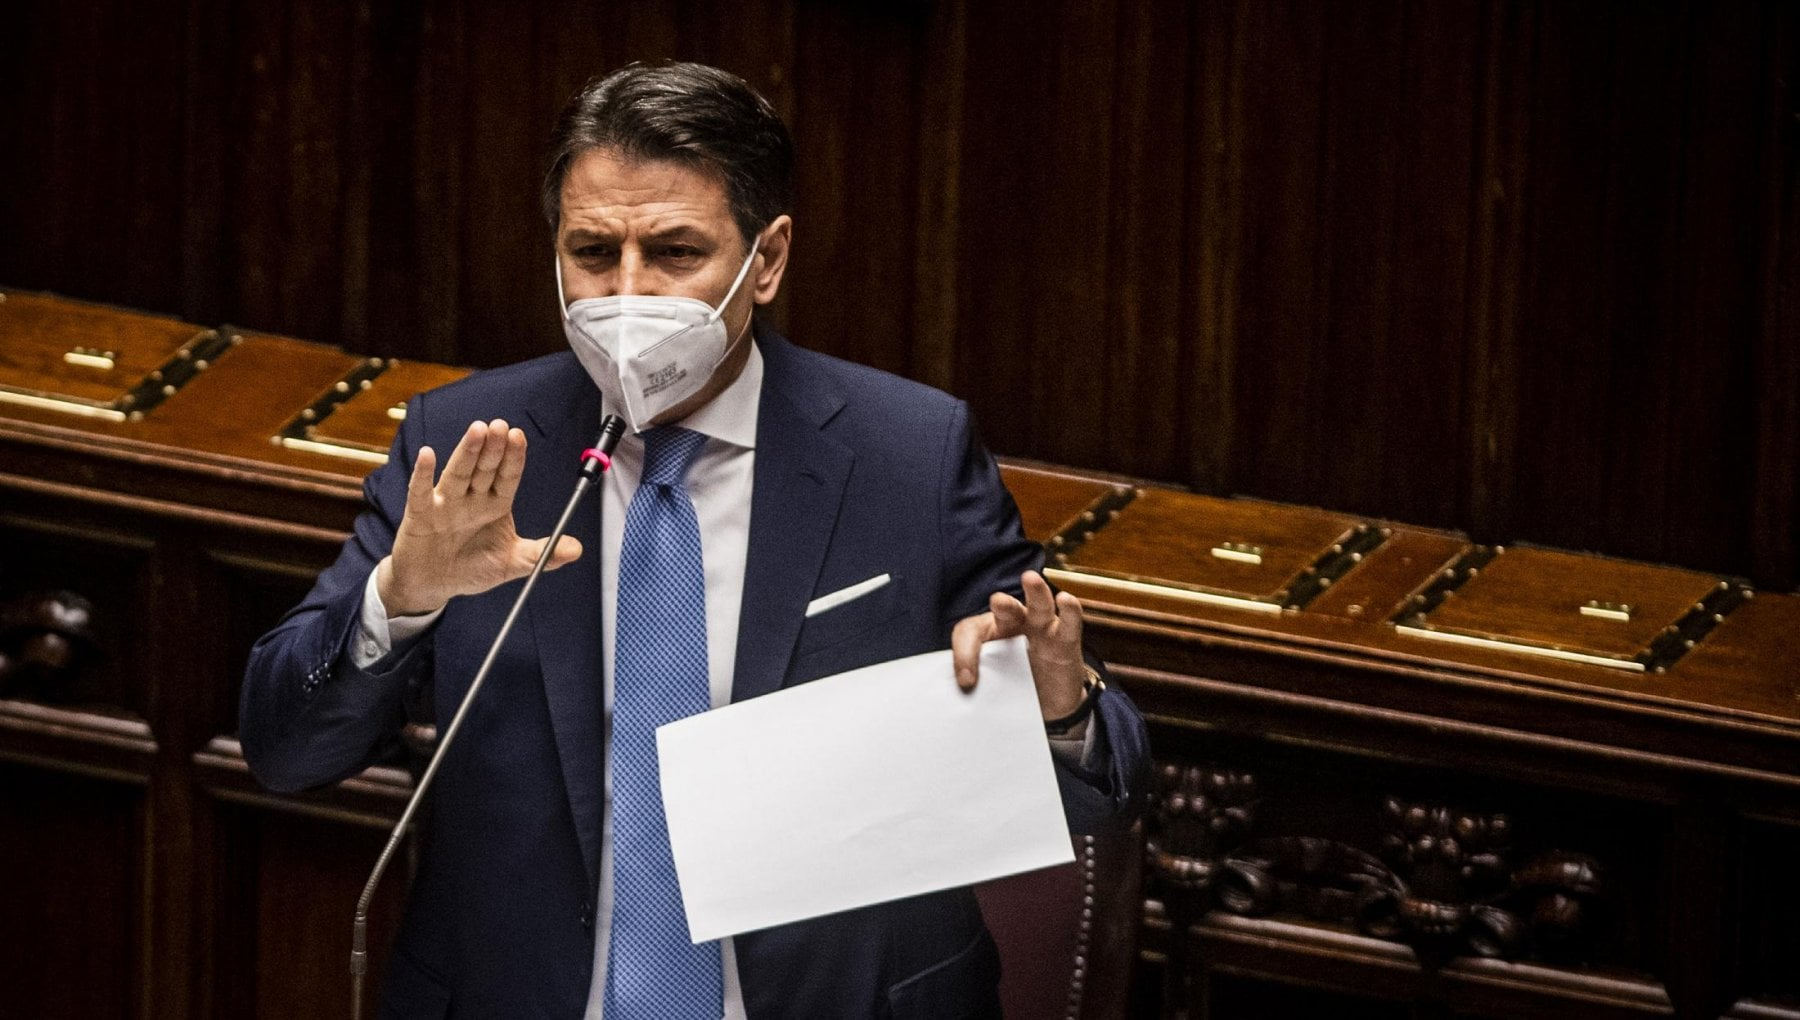 Crisi di governo Conte alla Camera il no definitivo a Renzi e la mossa sulla legge elettorale